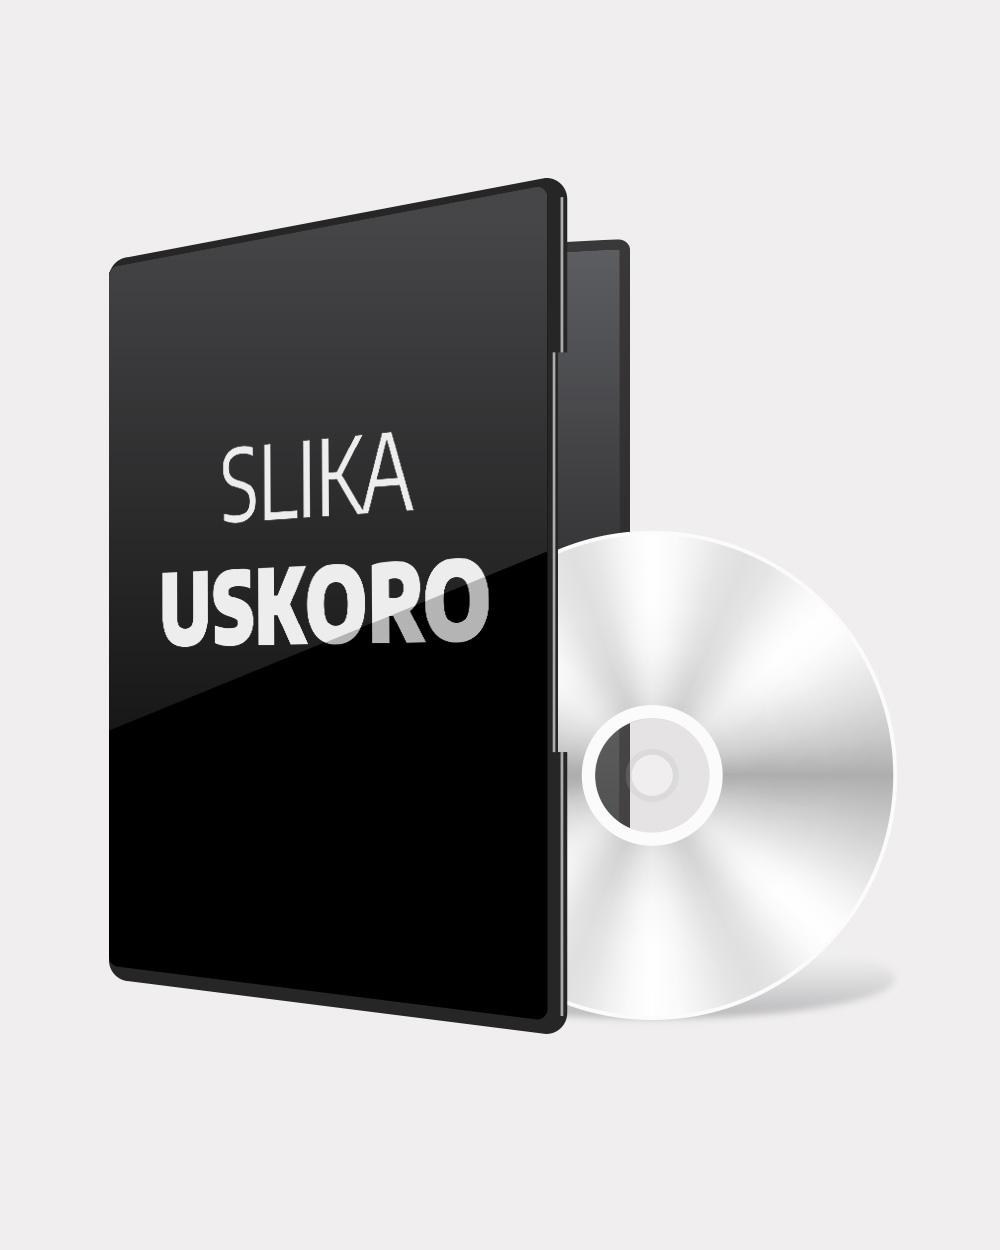 PS4 Final Fantasy XIV Online Starter Pack